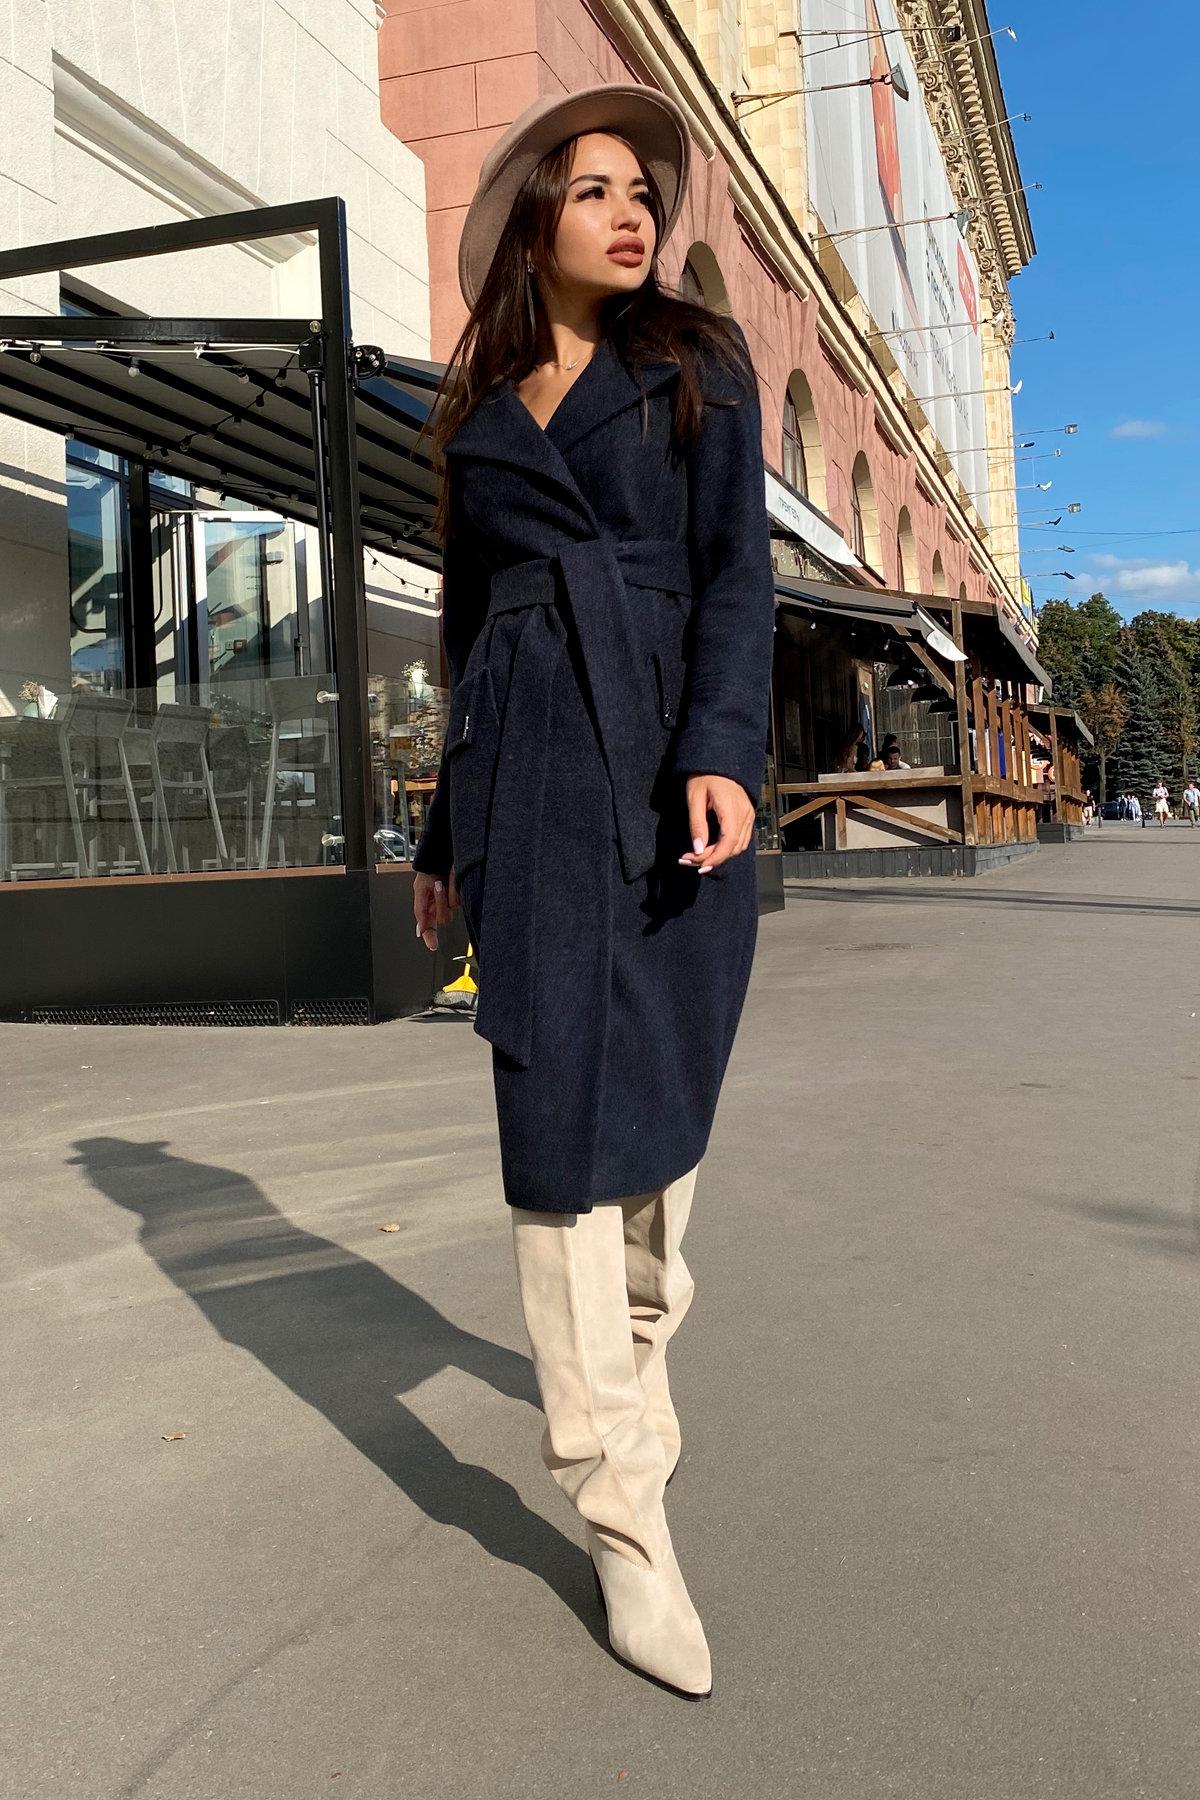 Пальто Стейси 5471 АРТ. 36685 Цвет: Темно-синий - фото 5, интернет магазин tm-modus.ru